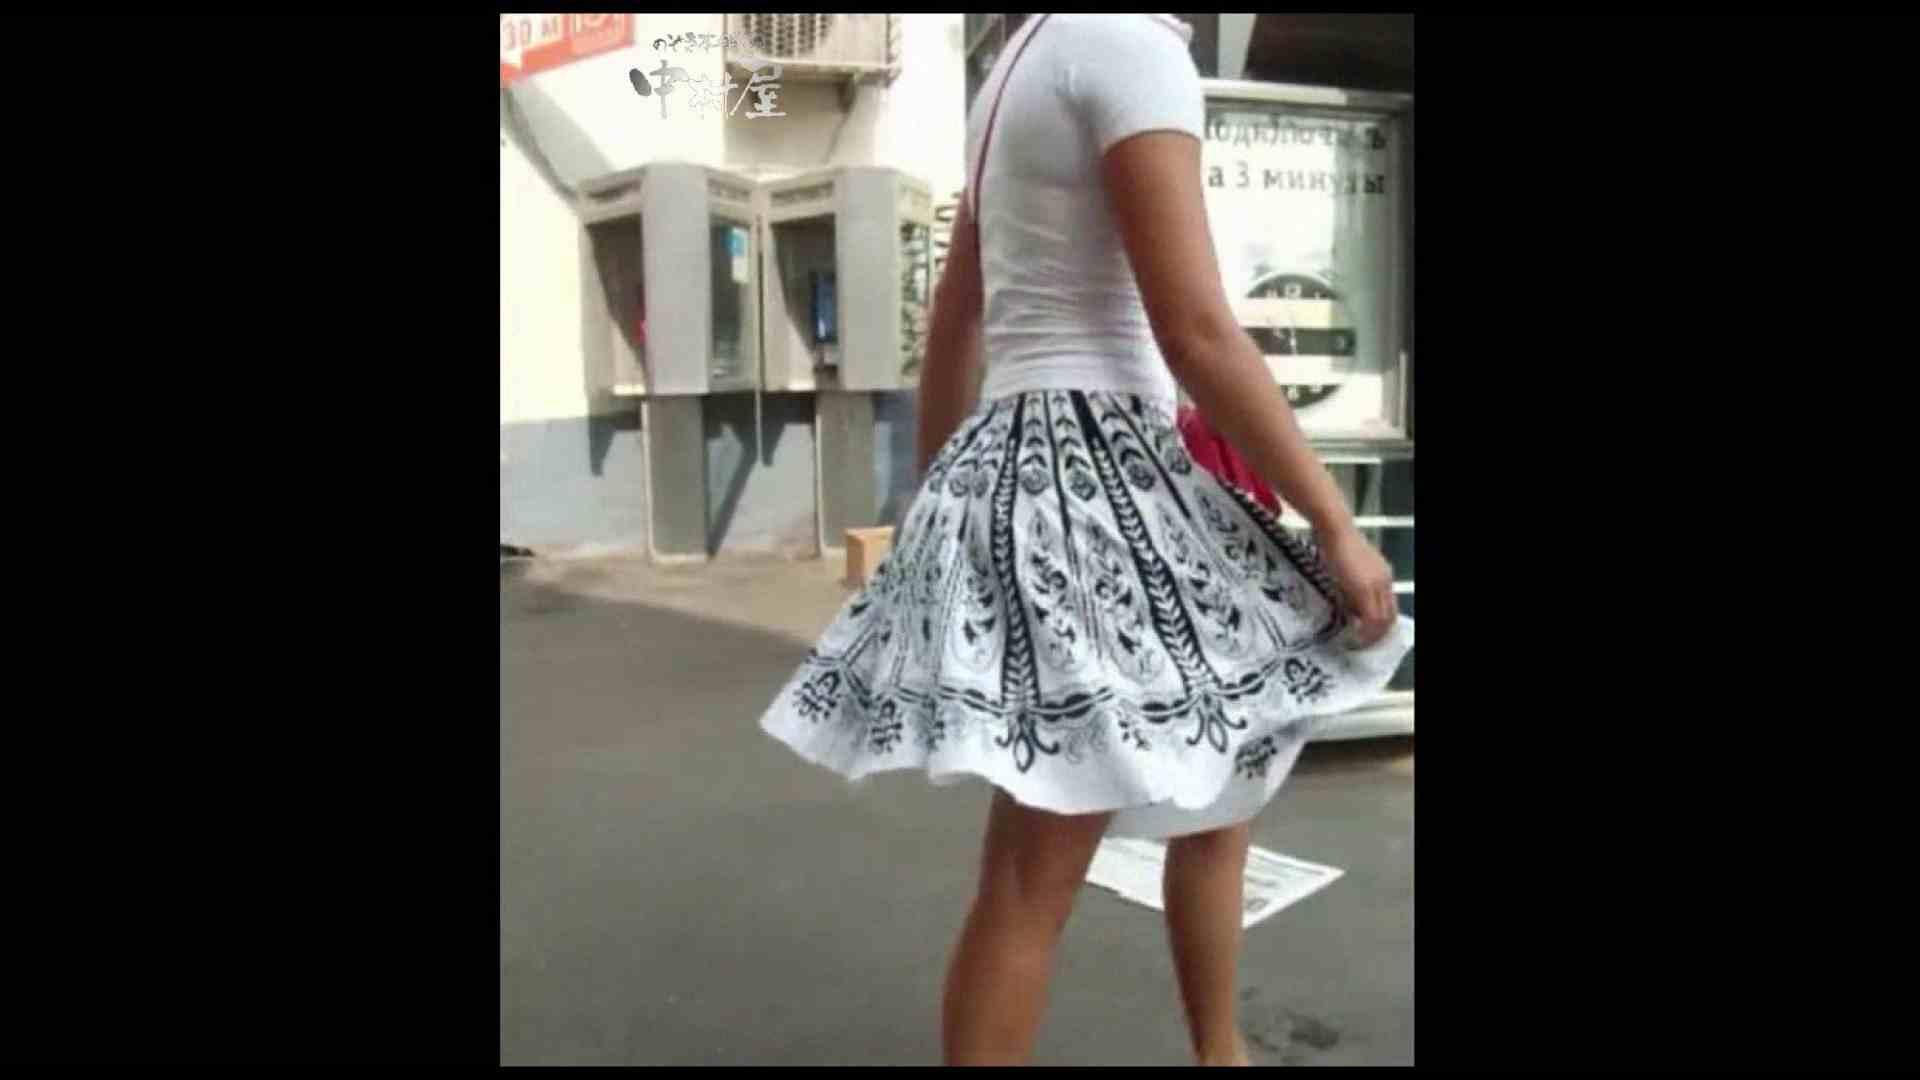 綺麗なモデルさんのスカート捲っちゃおう‼ vol30 お姉さんハメ撮り  109Pix 96